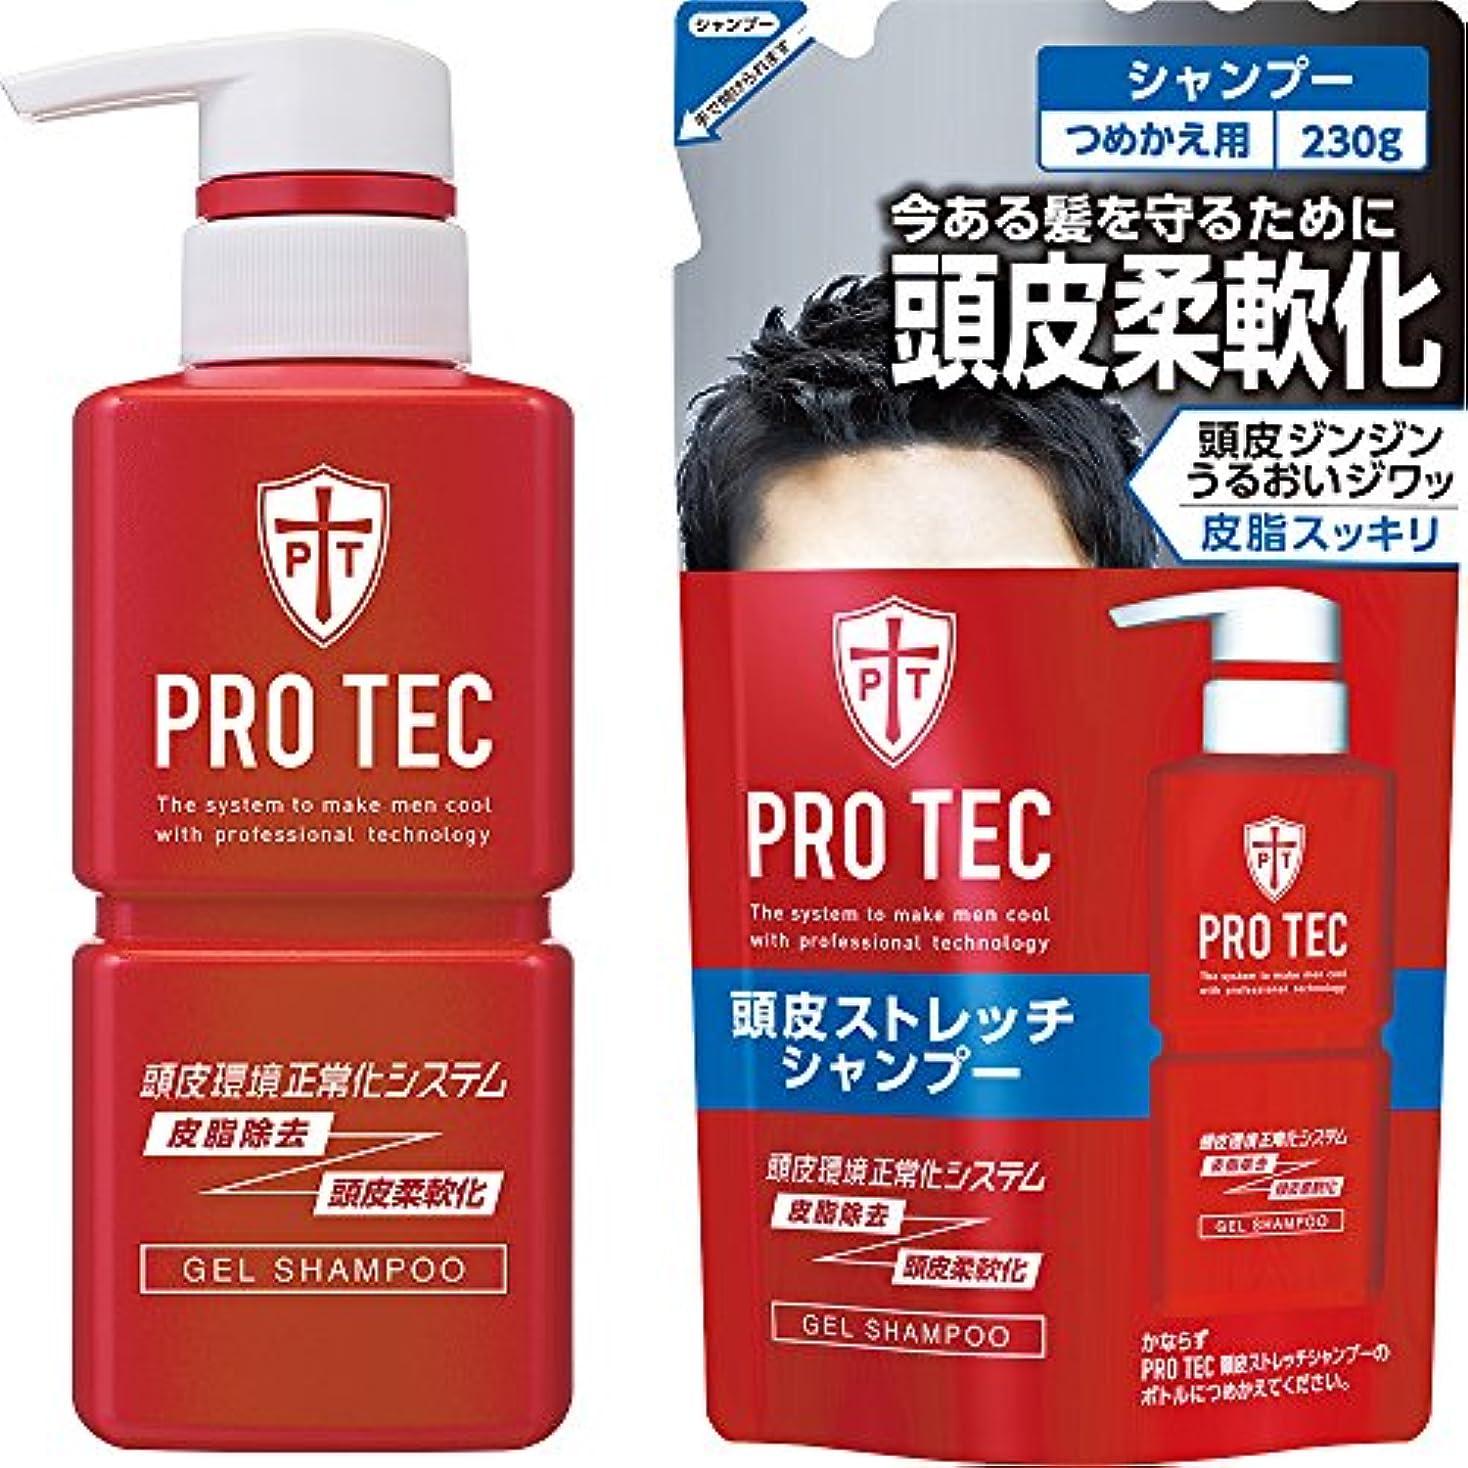 十年申し込む家主PRO TEC(プロテク) 頭皮ストレッチシャンプー 本体ポンプ300g+詰め替え230g セット(医薬部外品)